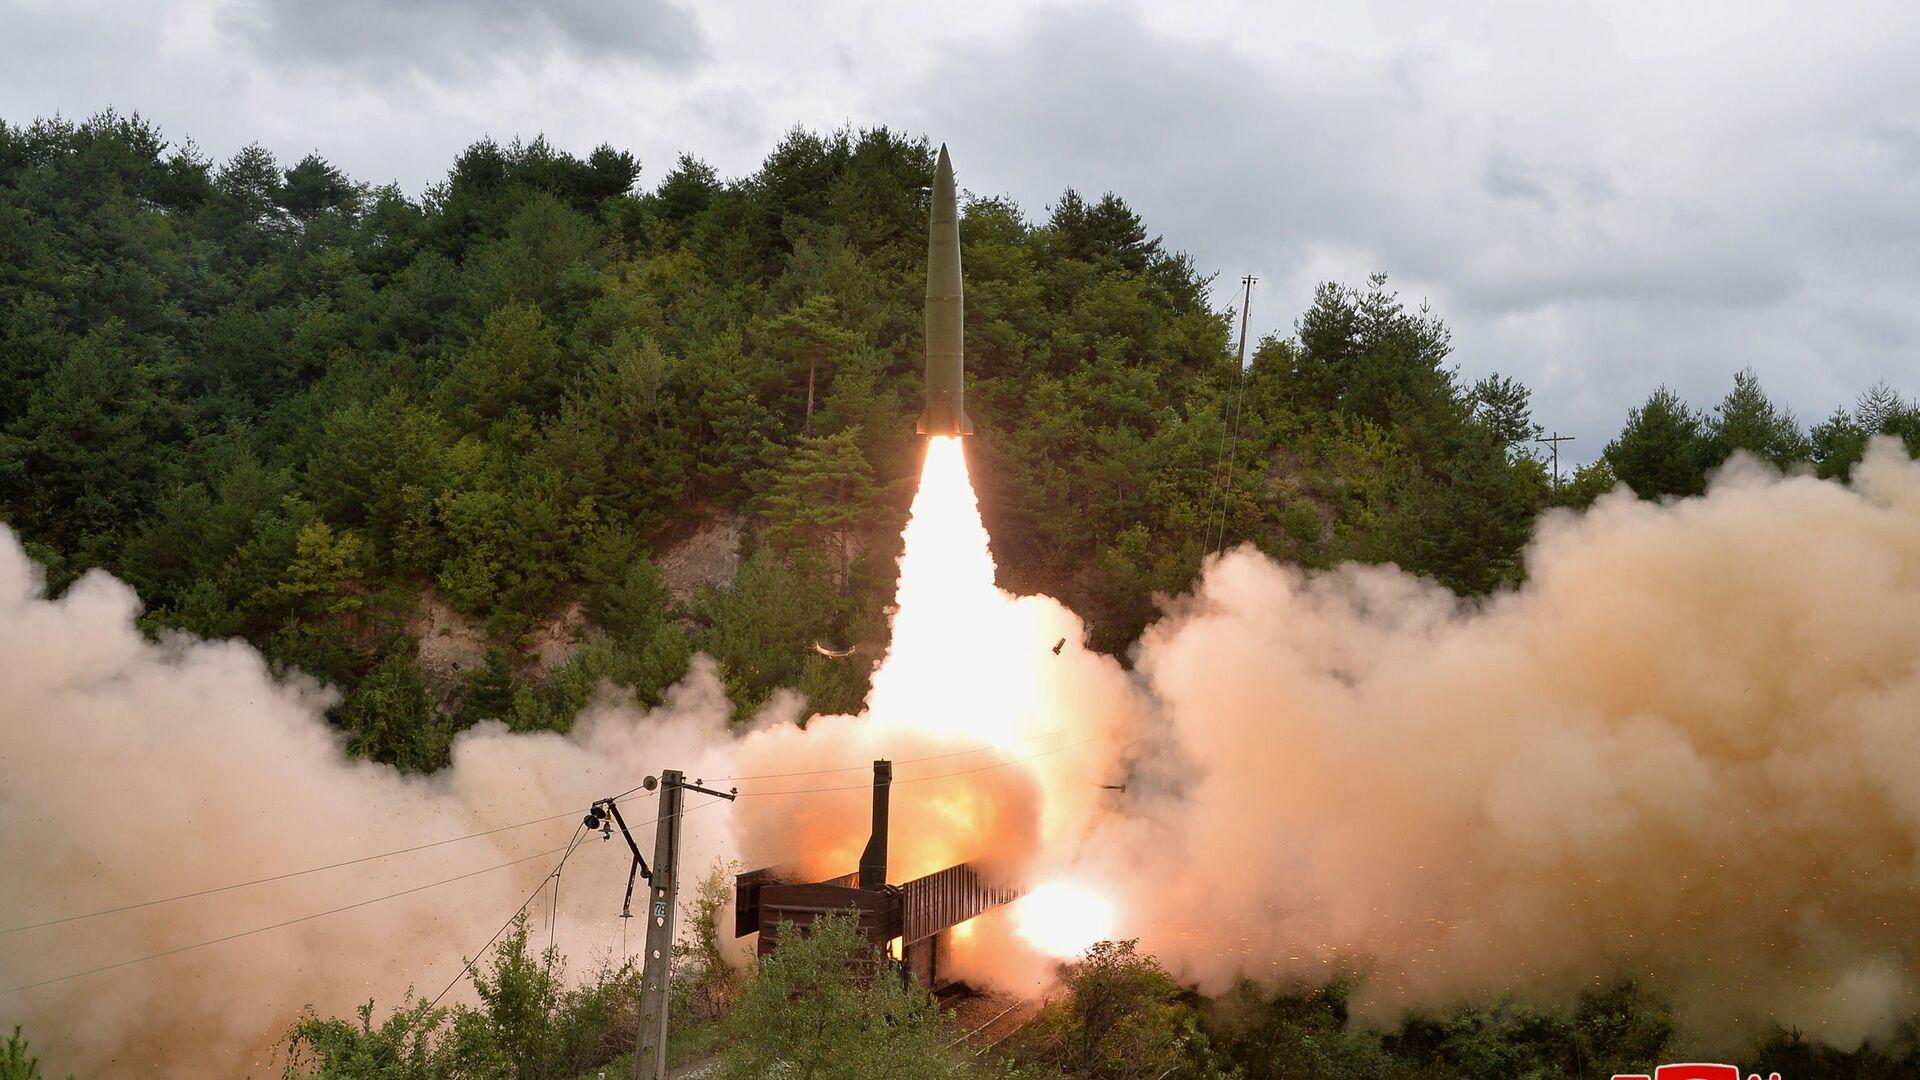 北朝鮮 ミサイル発射実験について会合を開いた国連安全保障理を非難 - Sputnik 日本, 1920, 03.10.2021